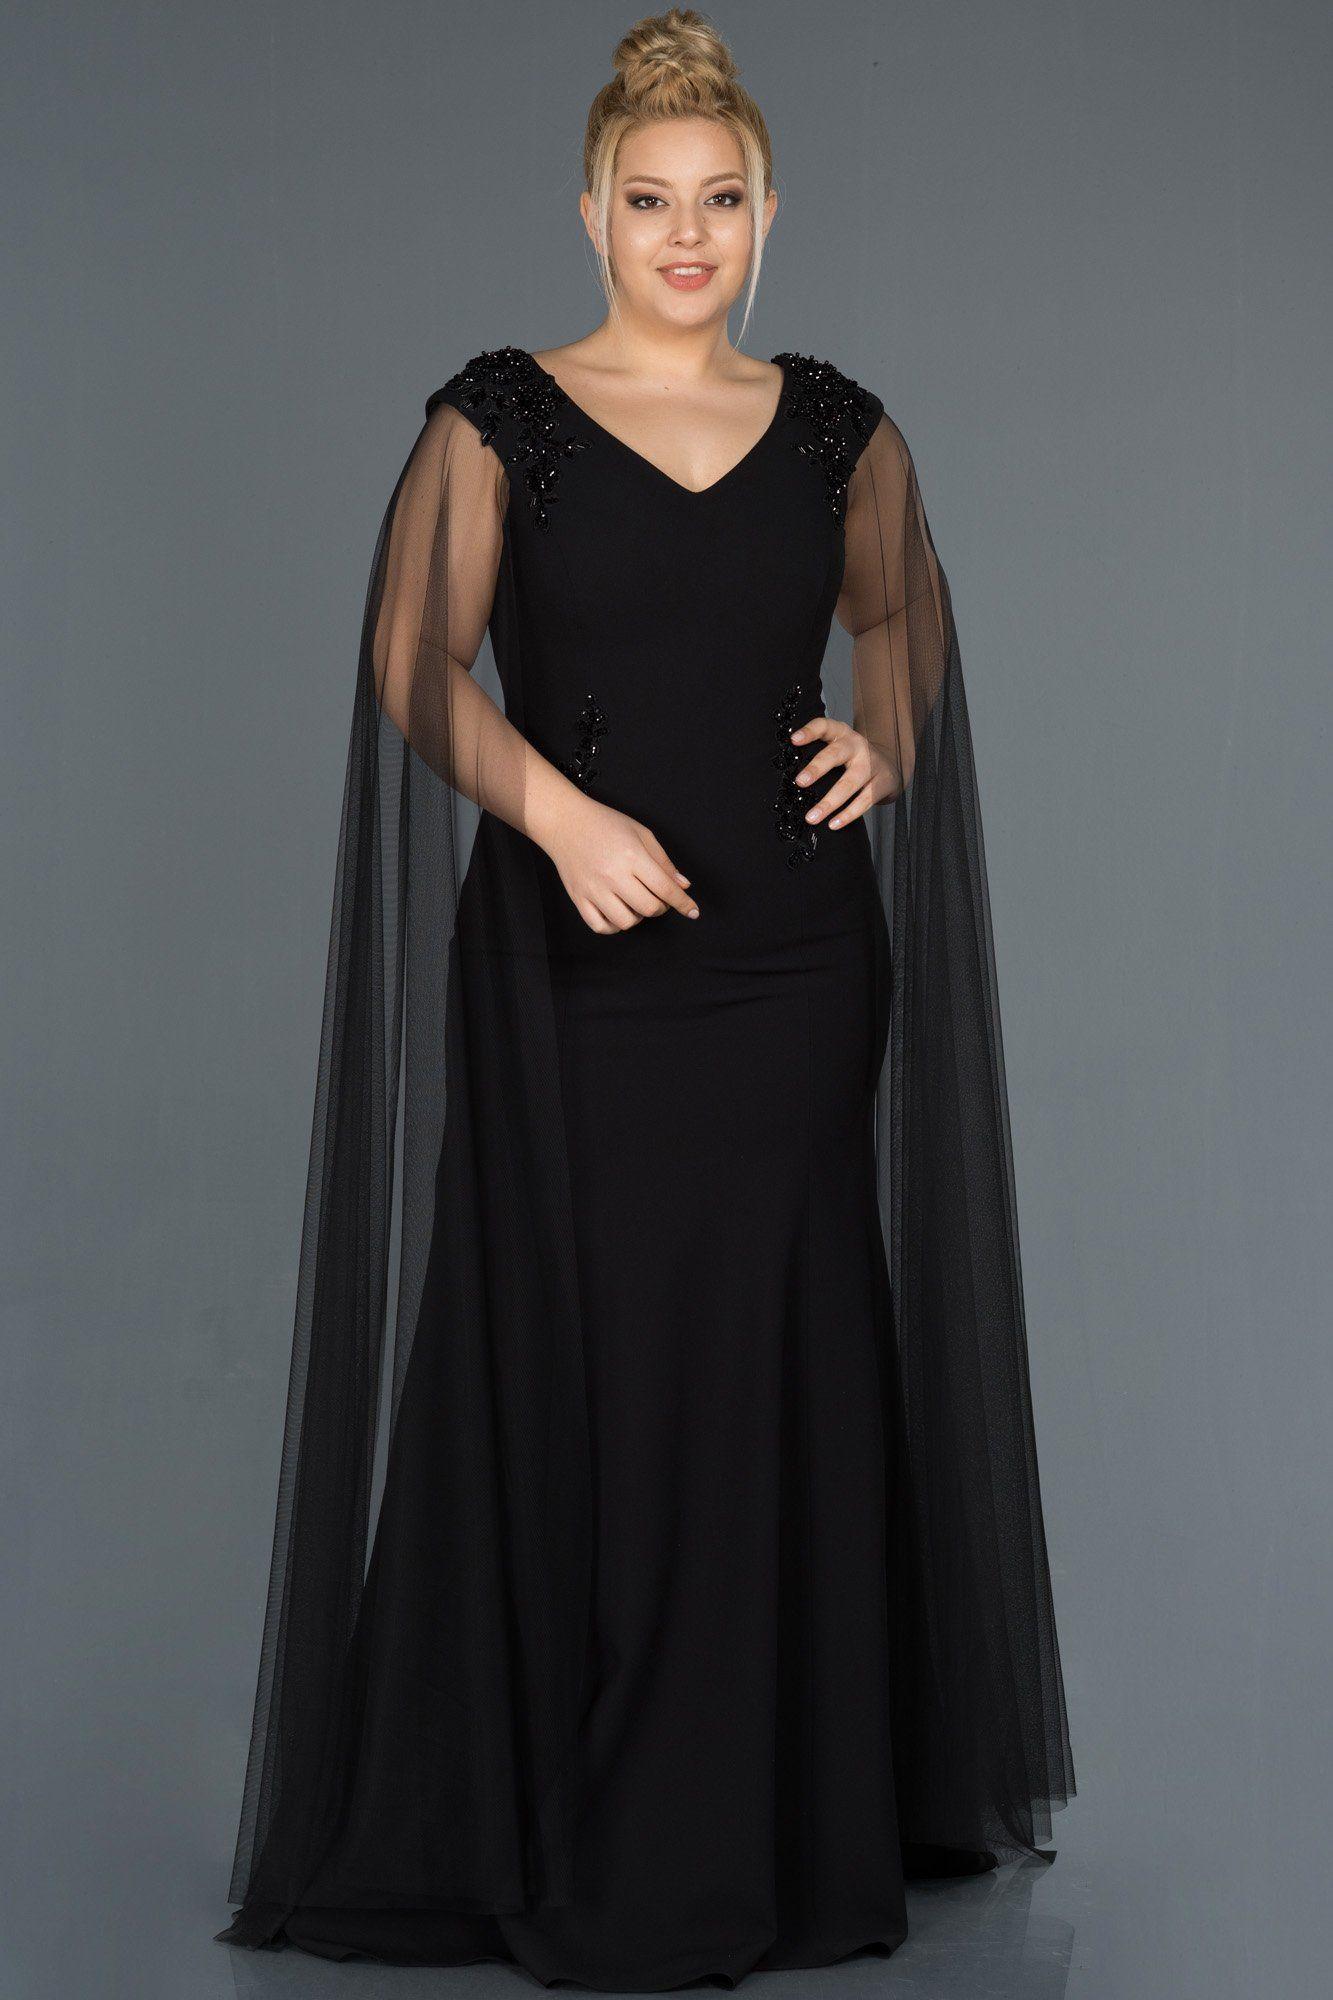 Siyah Uzun Pelerin Kollu Buyuk Beden Abiye Elbise Abu1136 2020 Elbise The Dress Siyah